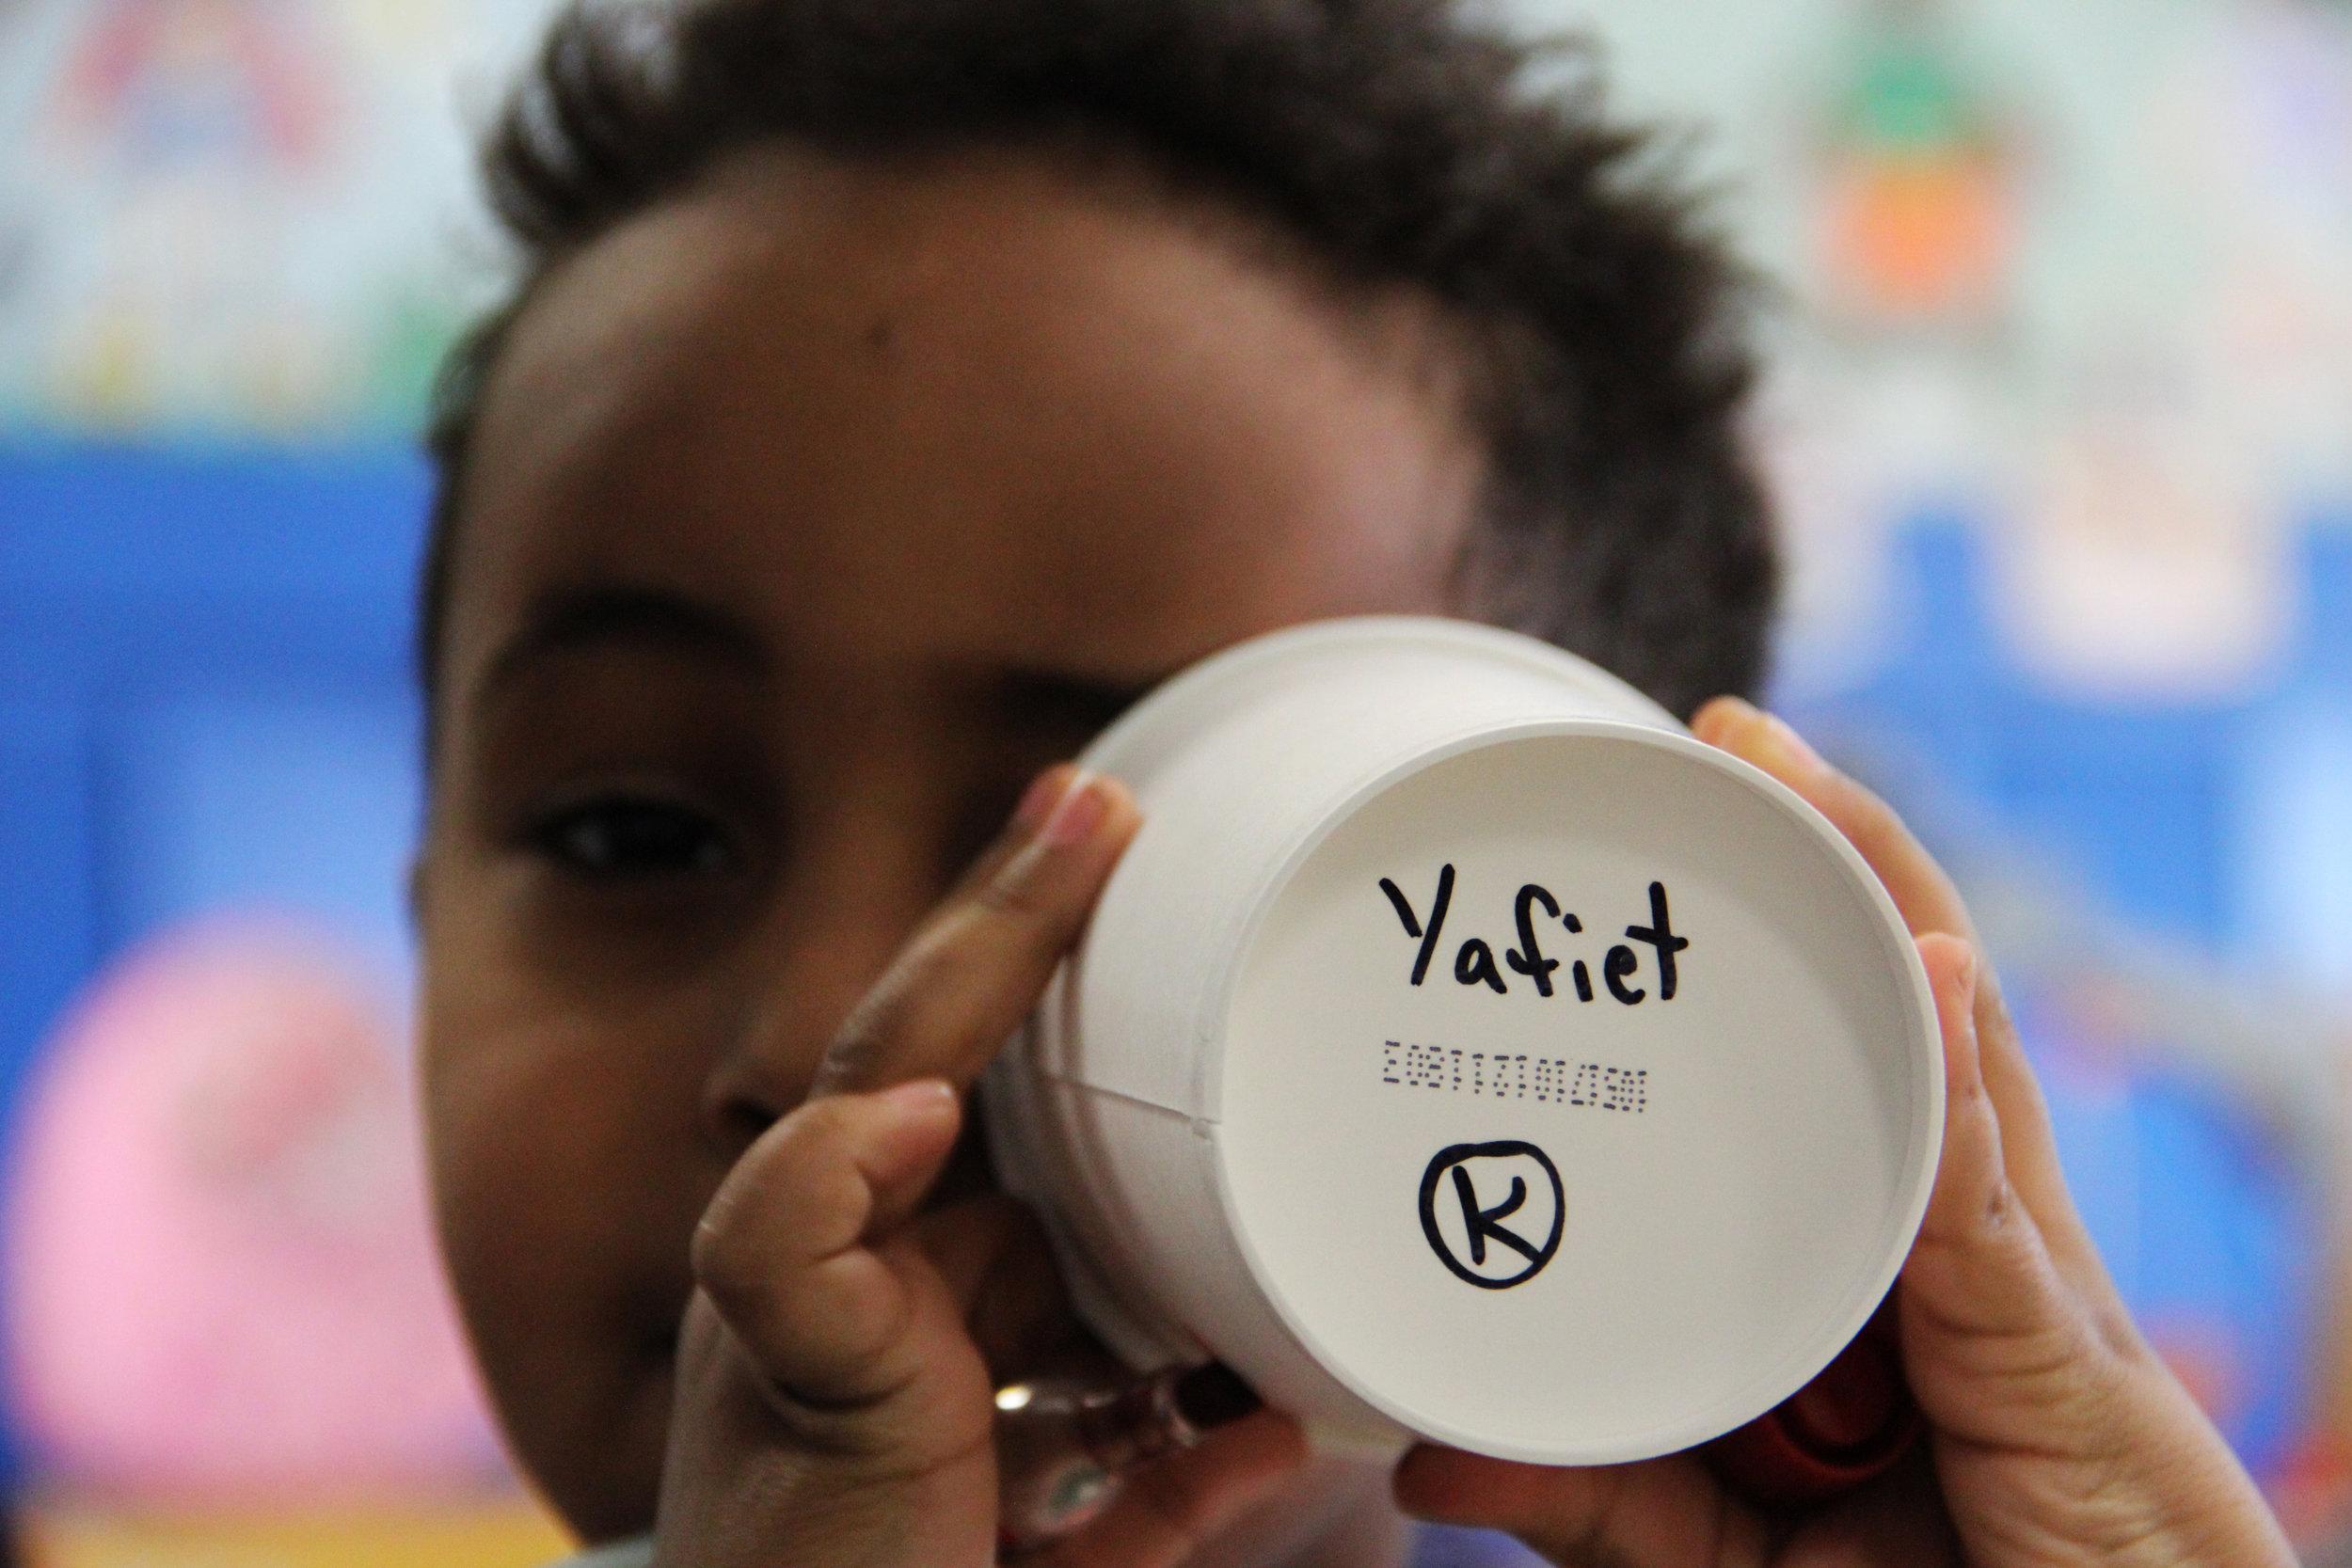 Yafiet.jpg